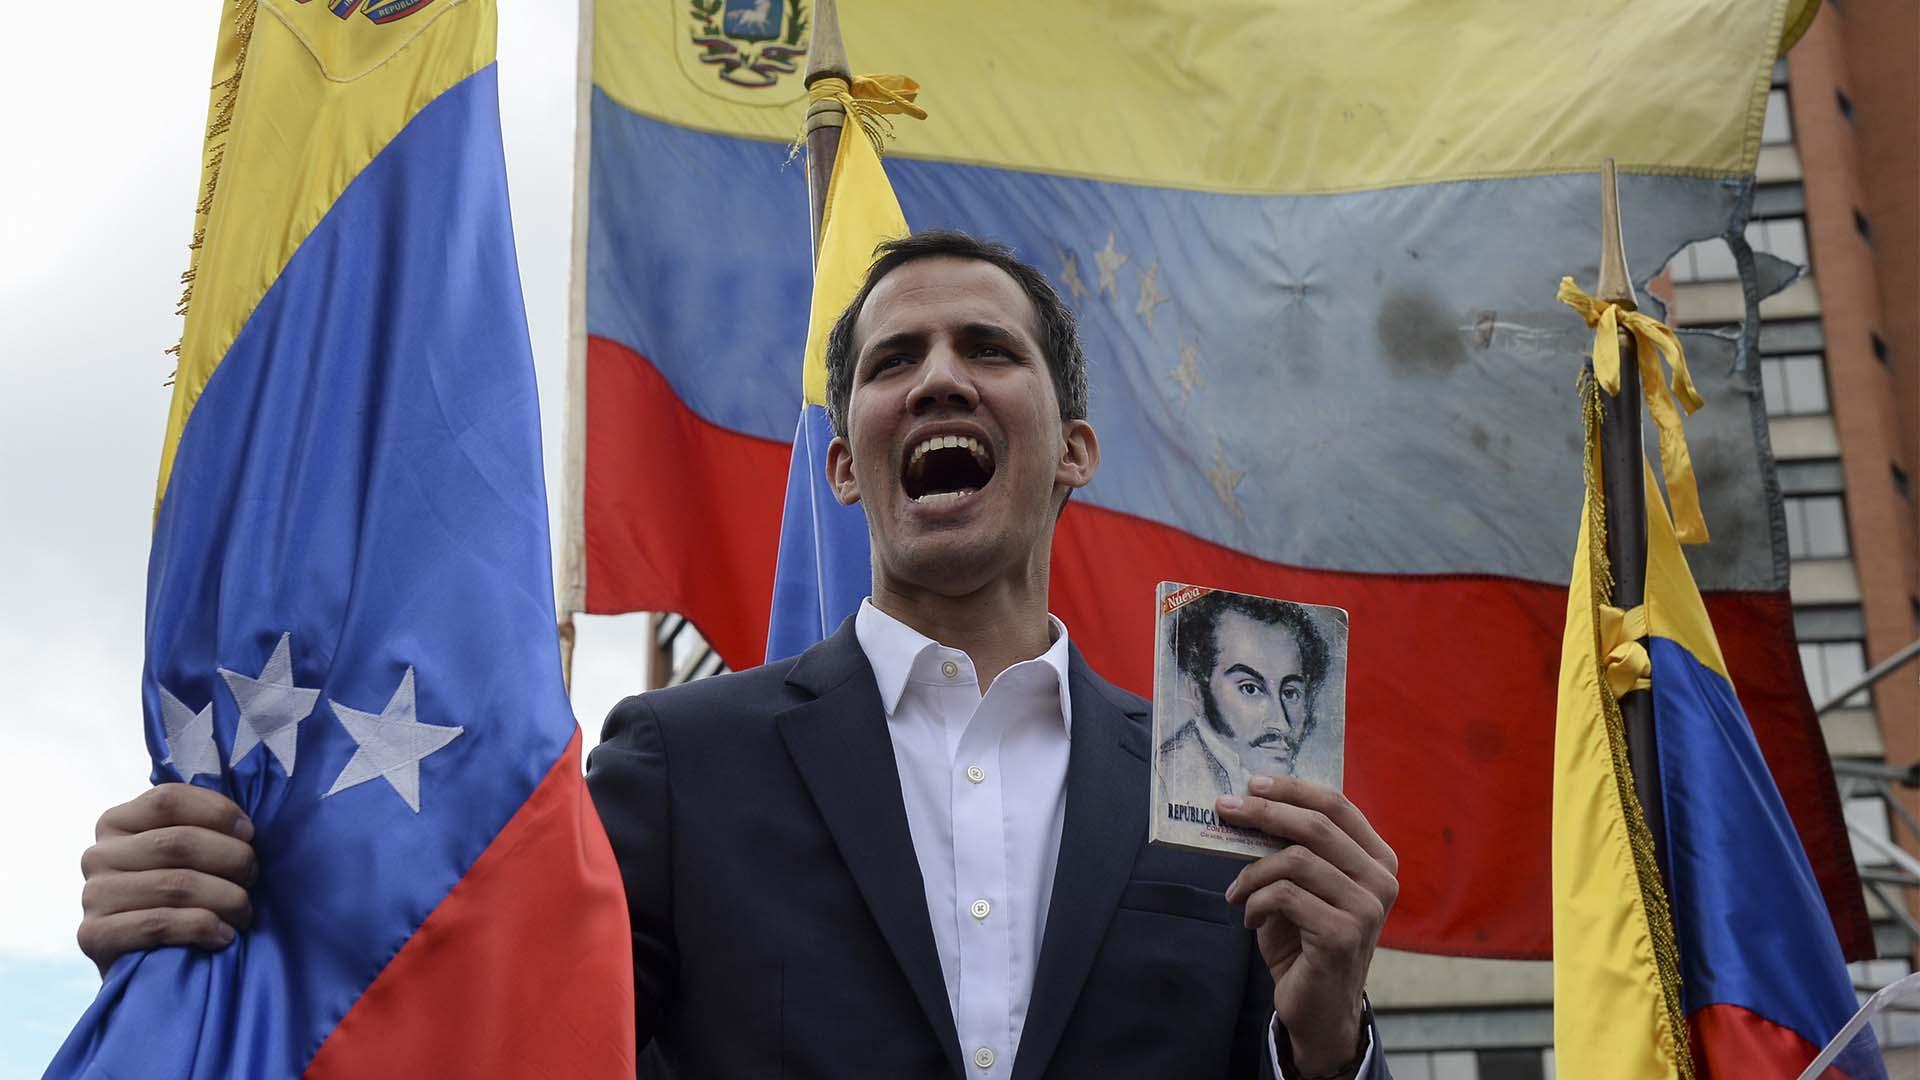 Juan Guaidó, instantes después de jurarar como presidente encargado de Venezuela ante una multitud(Photo by Federico PARRA / AFP)